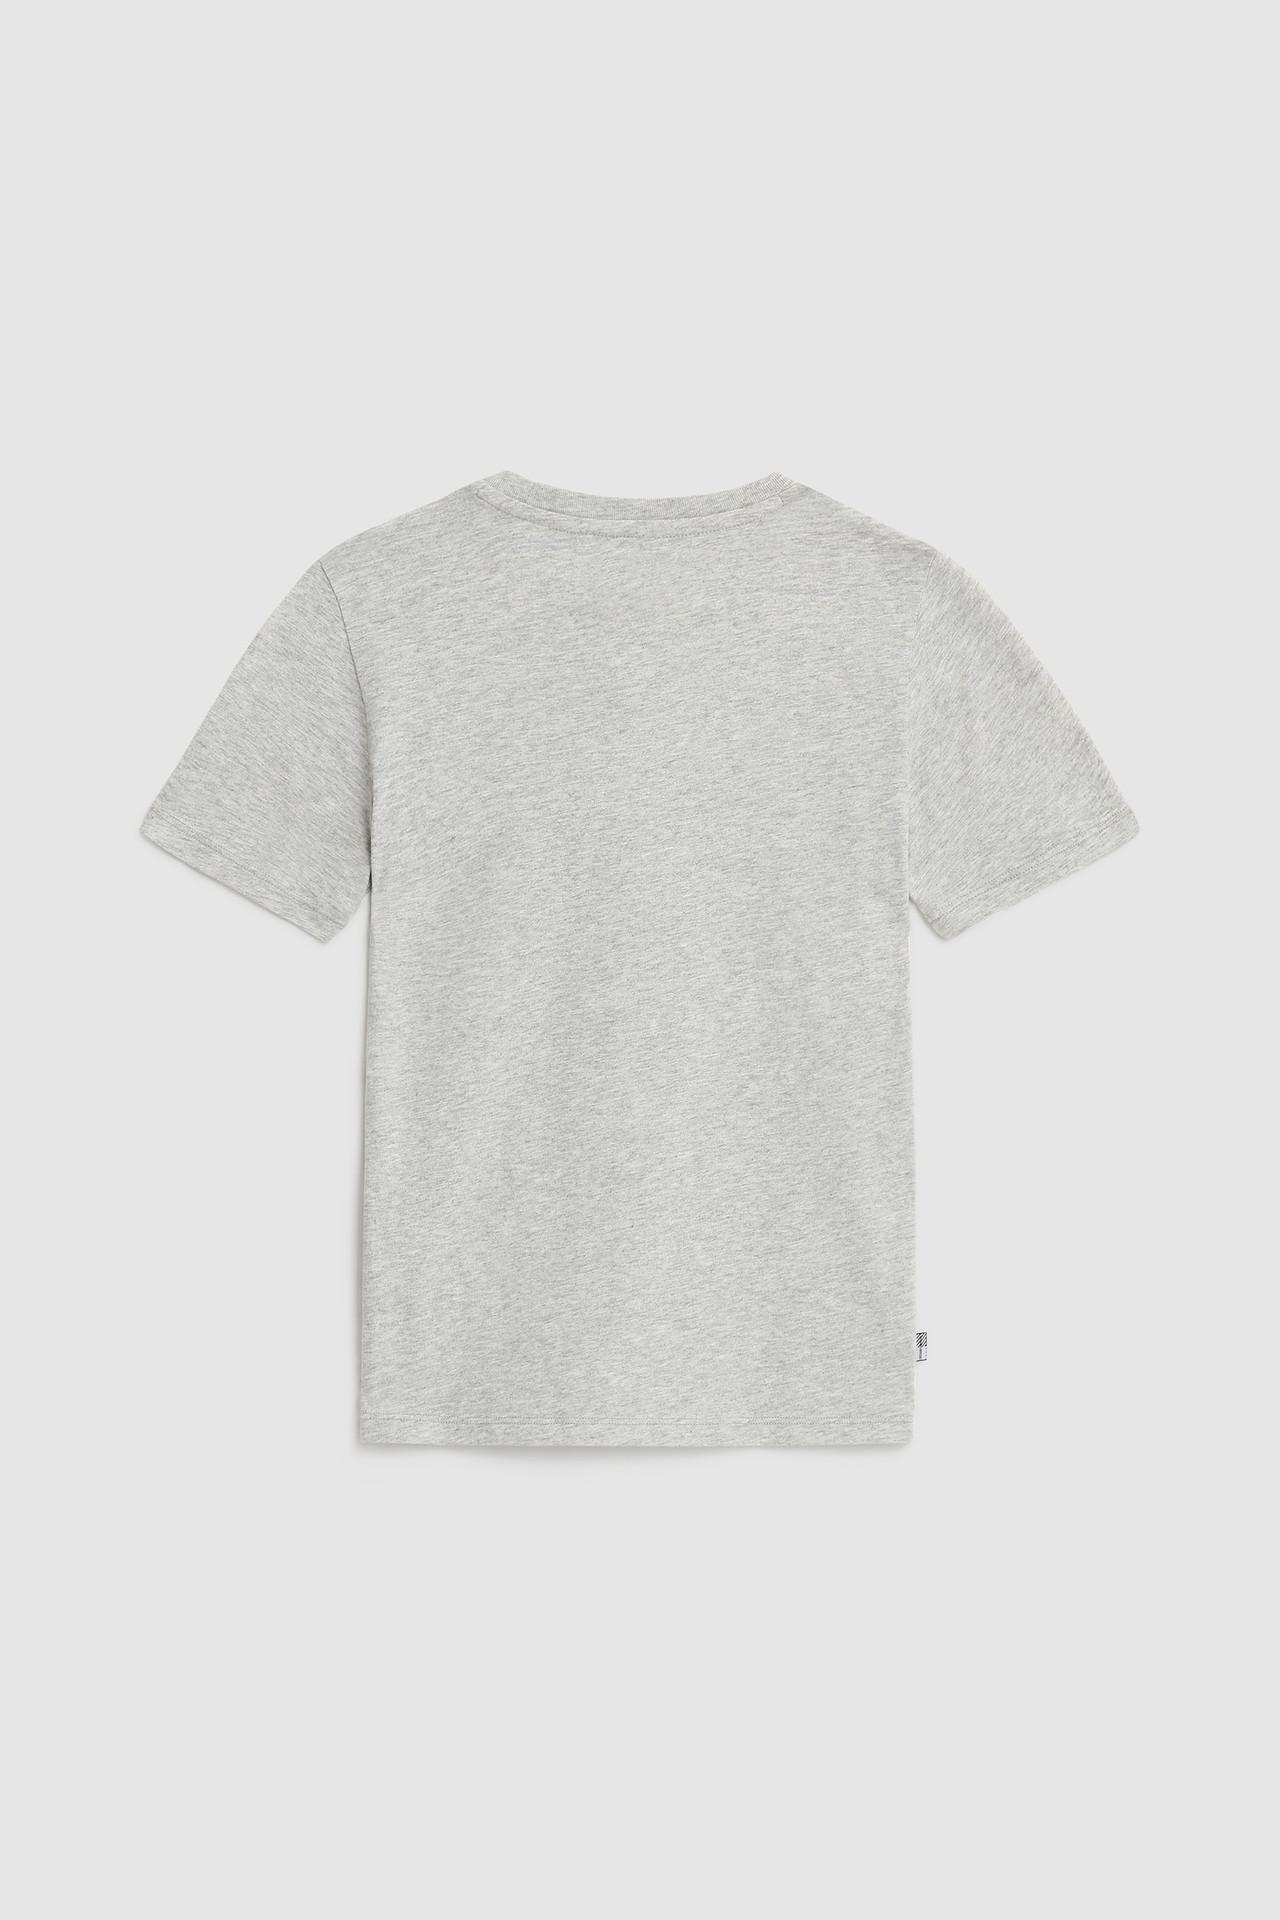 T-shirt mezza manica grigio melange con logo e bandiera USA frontale 10-16 anni